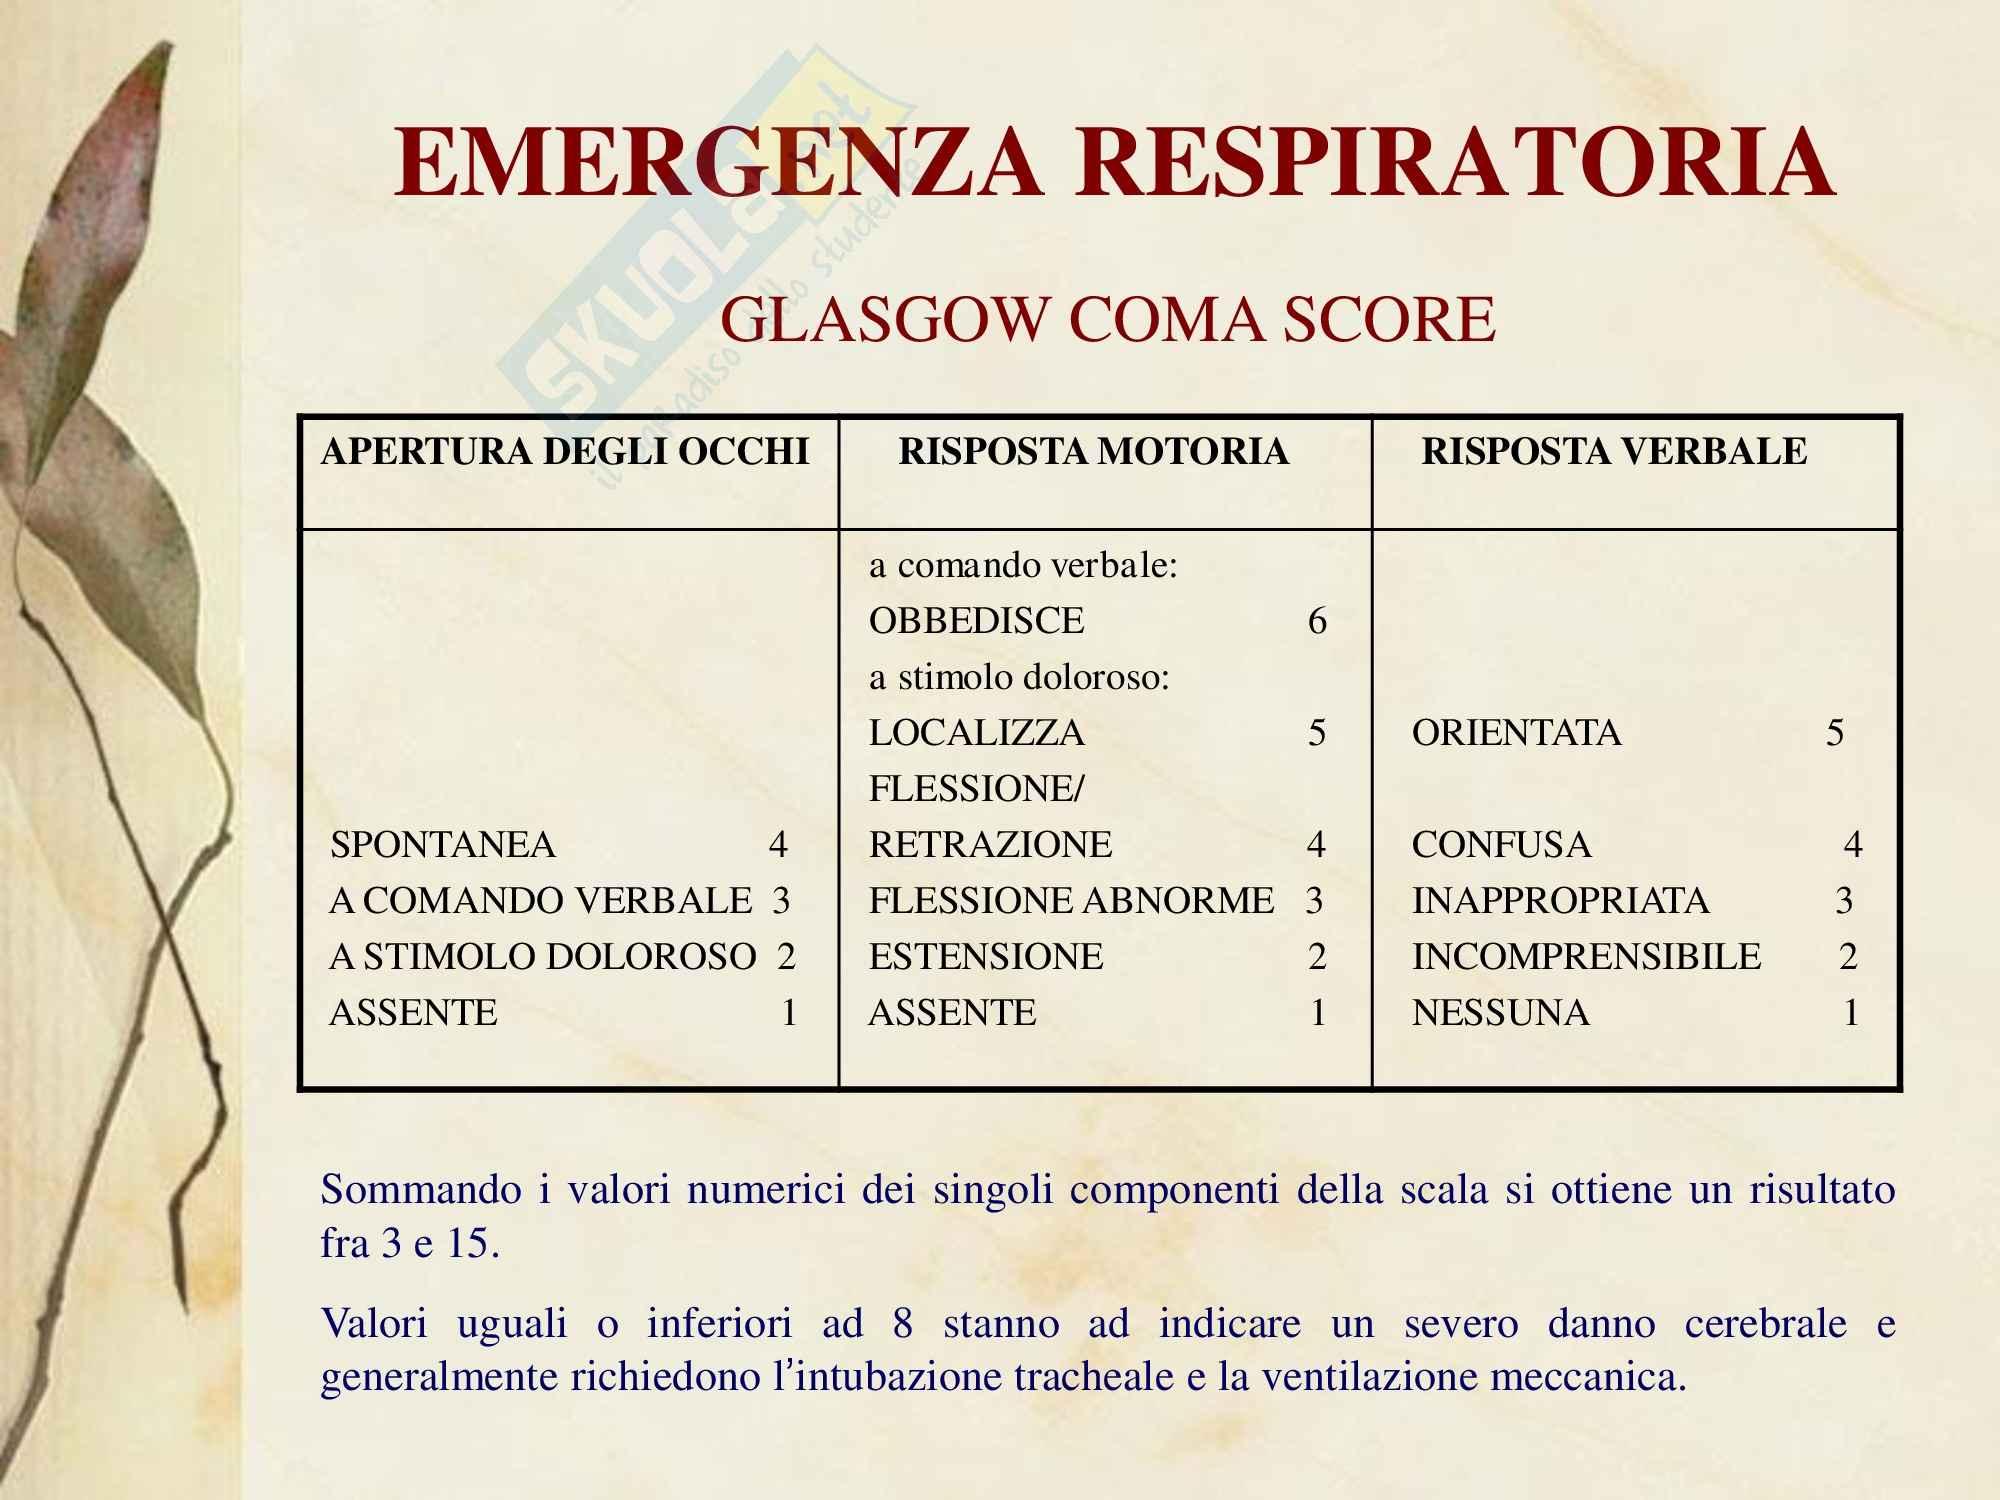 Malattie dell'apparato respiratorio - Emergenza Respiratoria Pag. 6